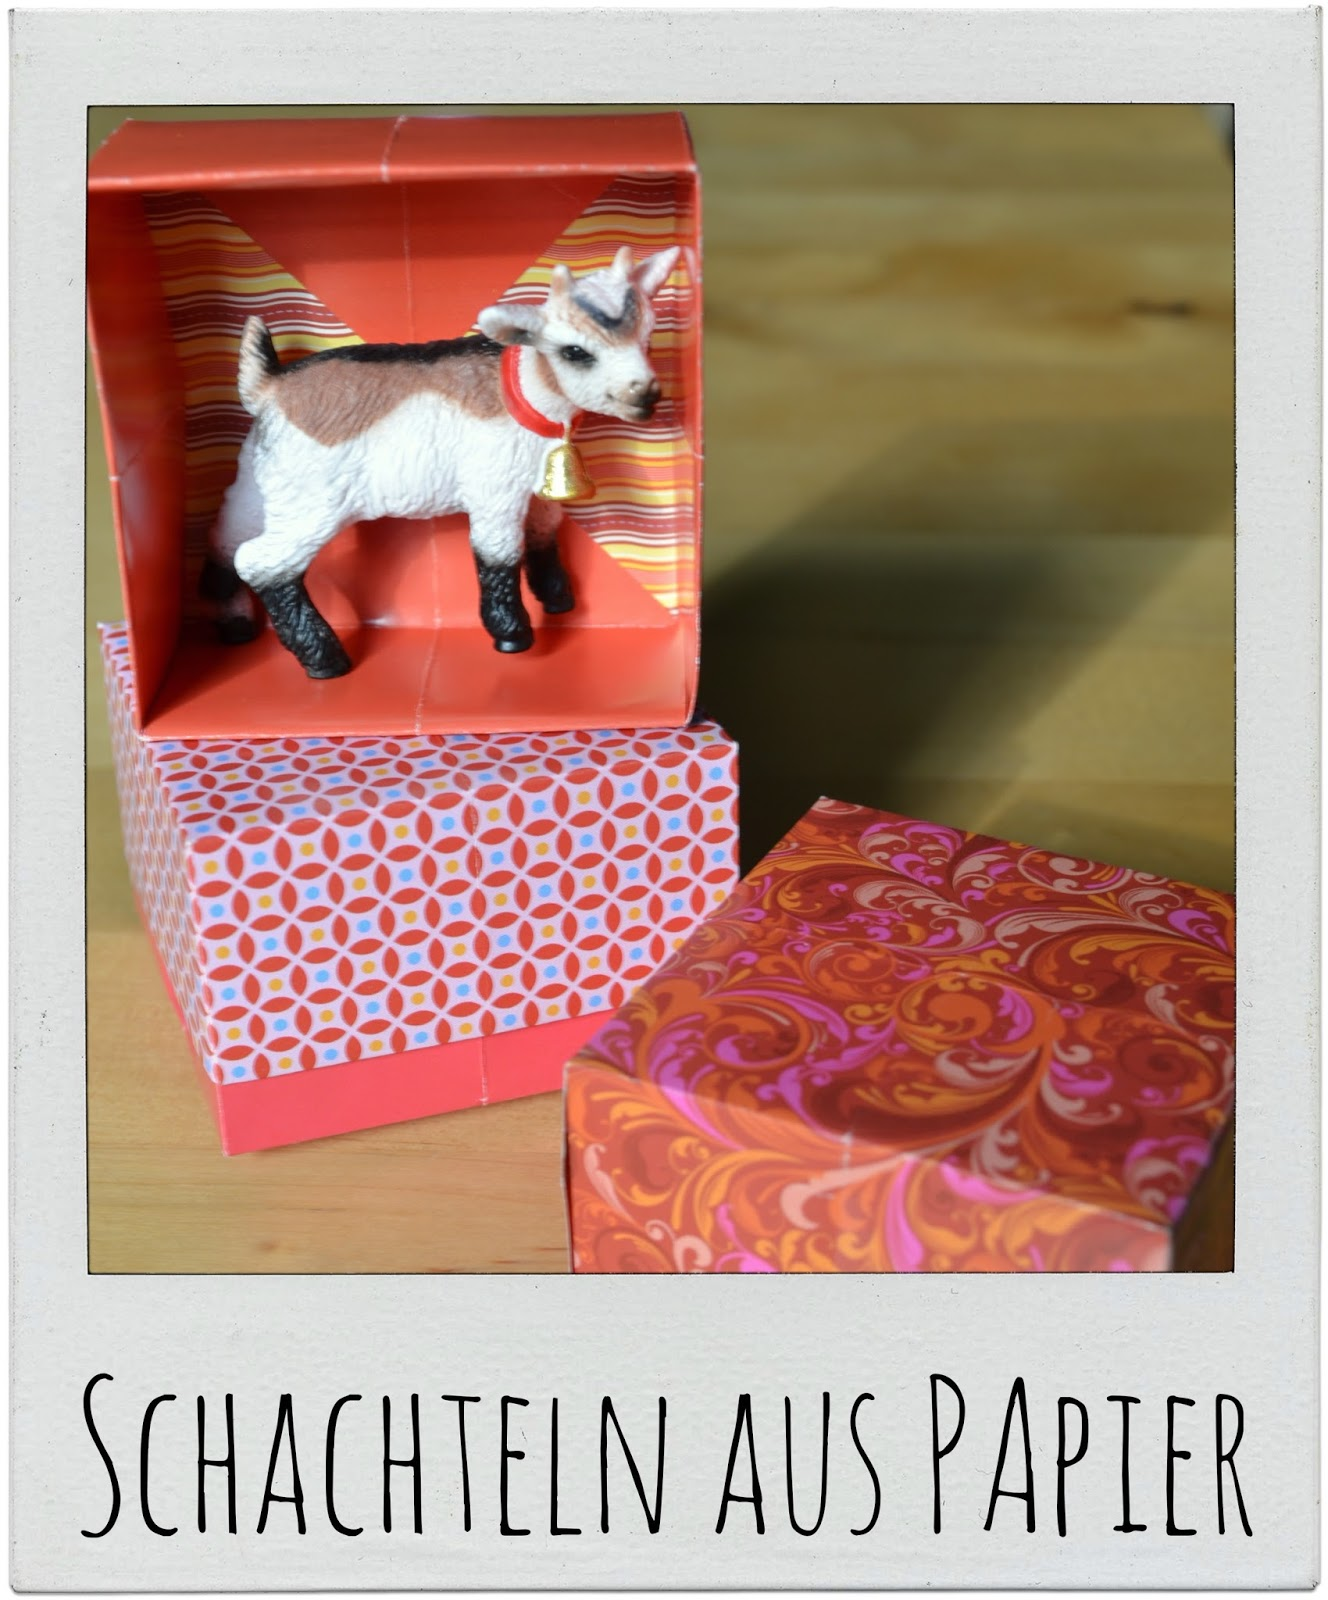 http://gemachtesundgedachtes.blogspot.de/2014/08/DIY-selbstgemachte-papierschachteln-falten.html